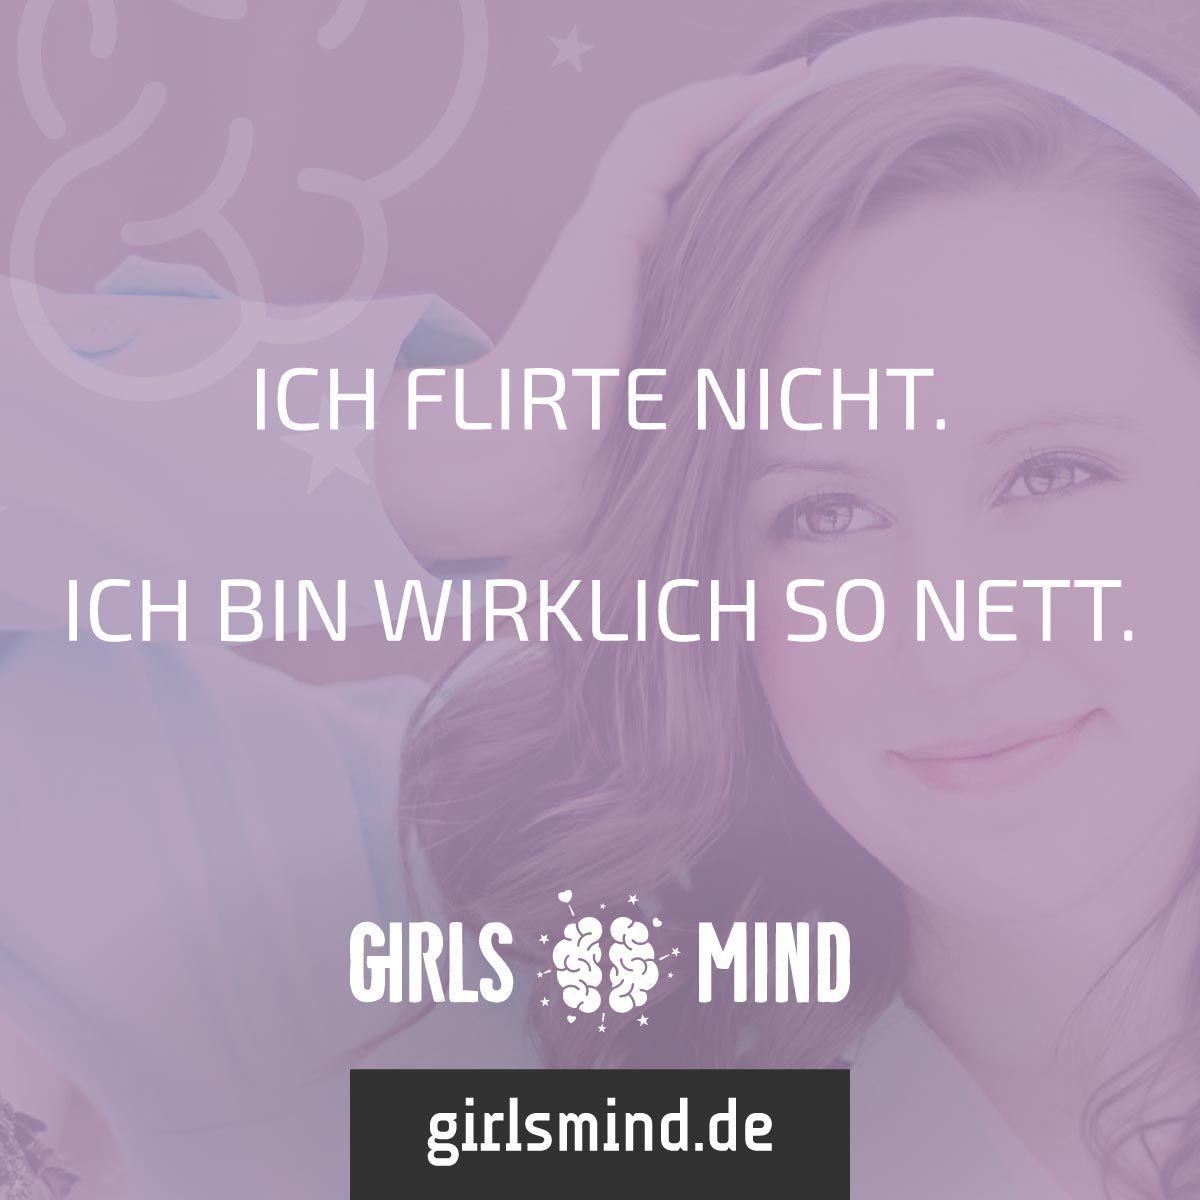 Mehr Sprüche Auf: Www.girlsmind.de #flirt #männer #nett #